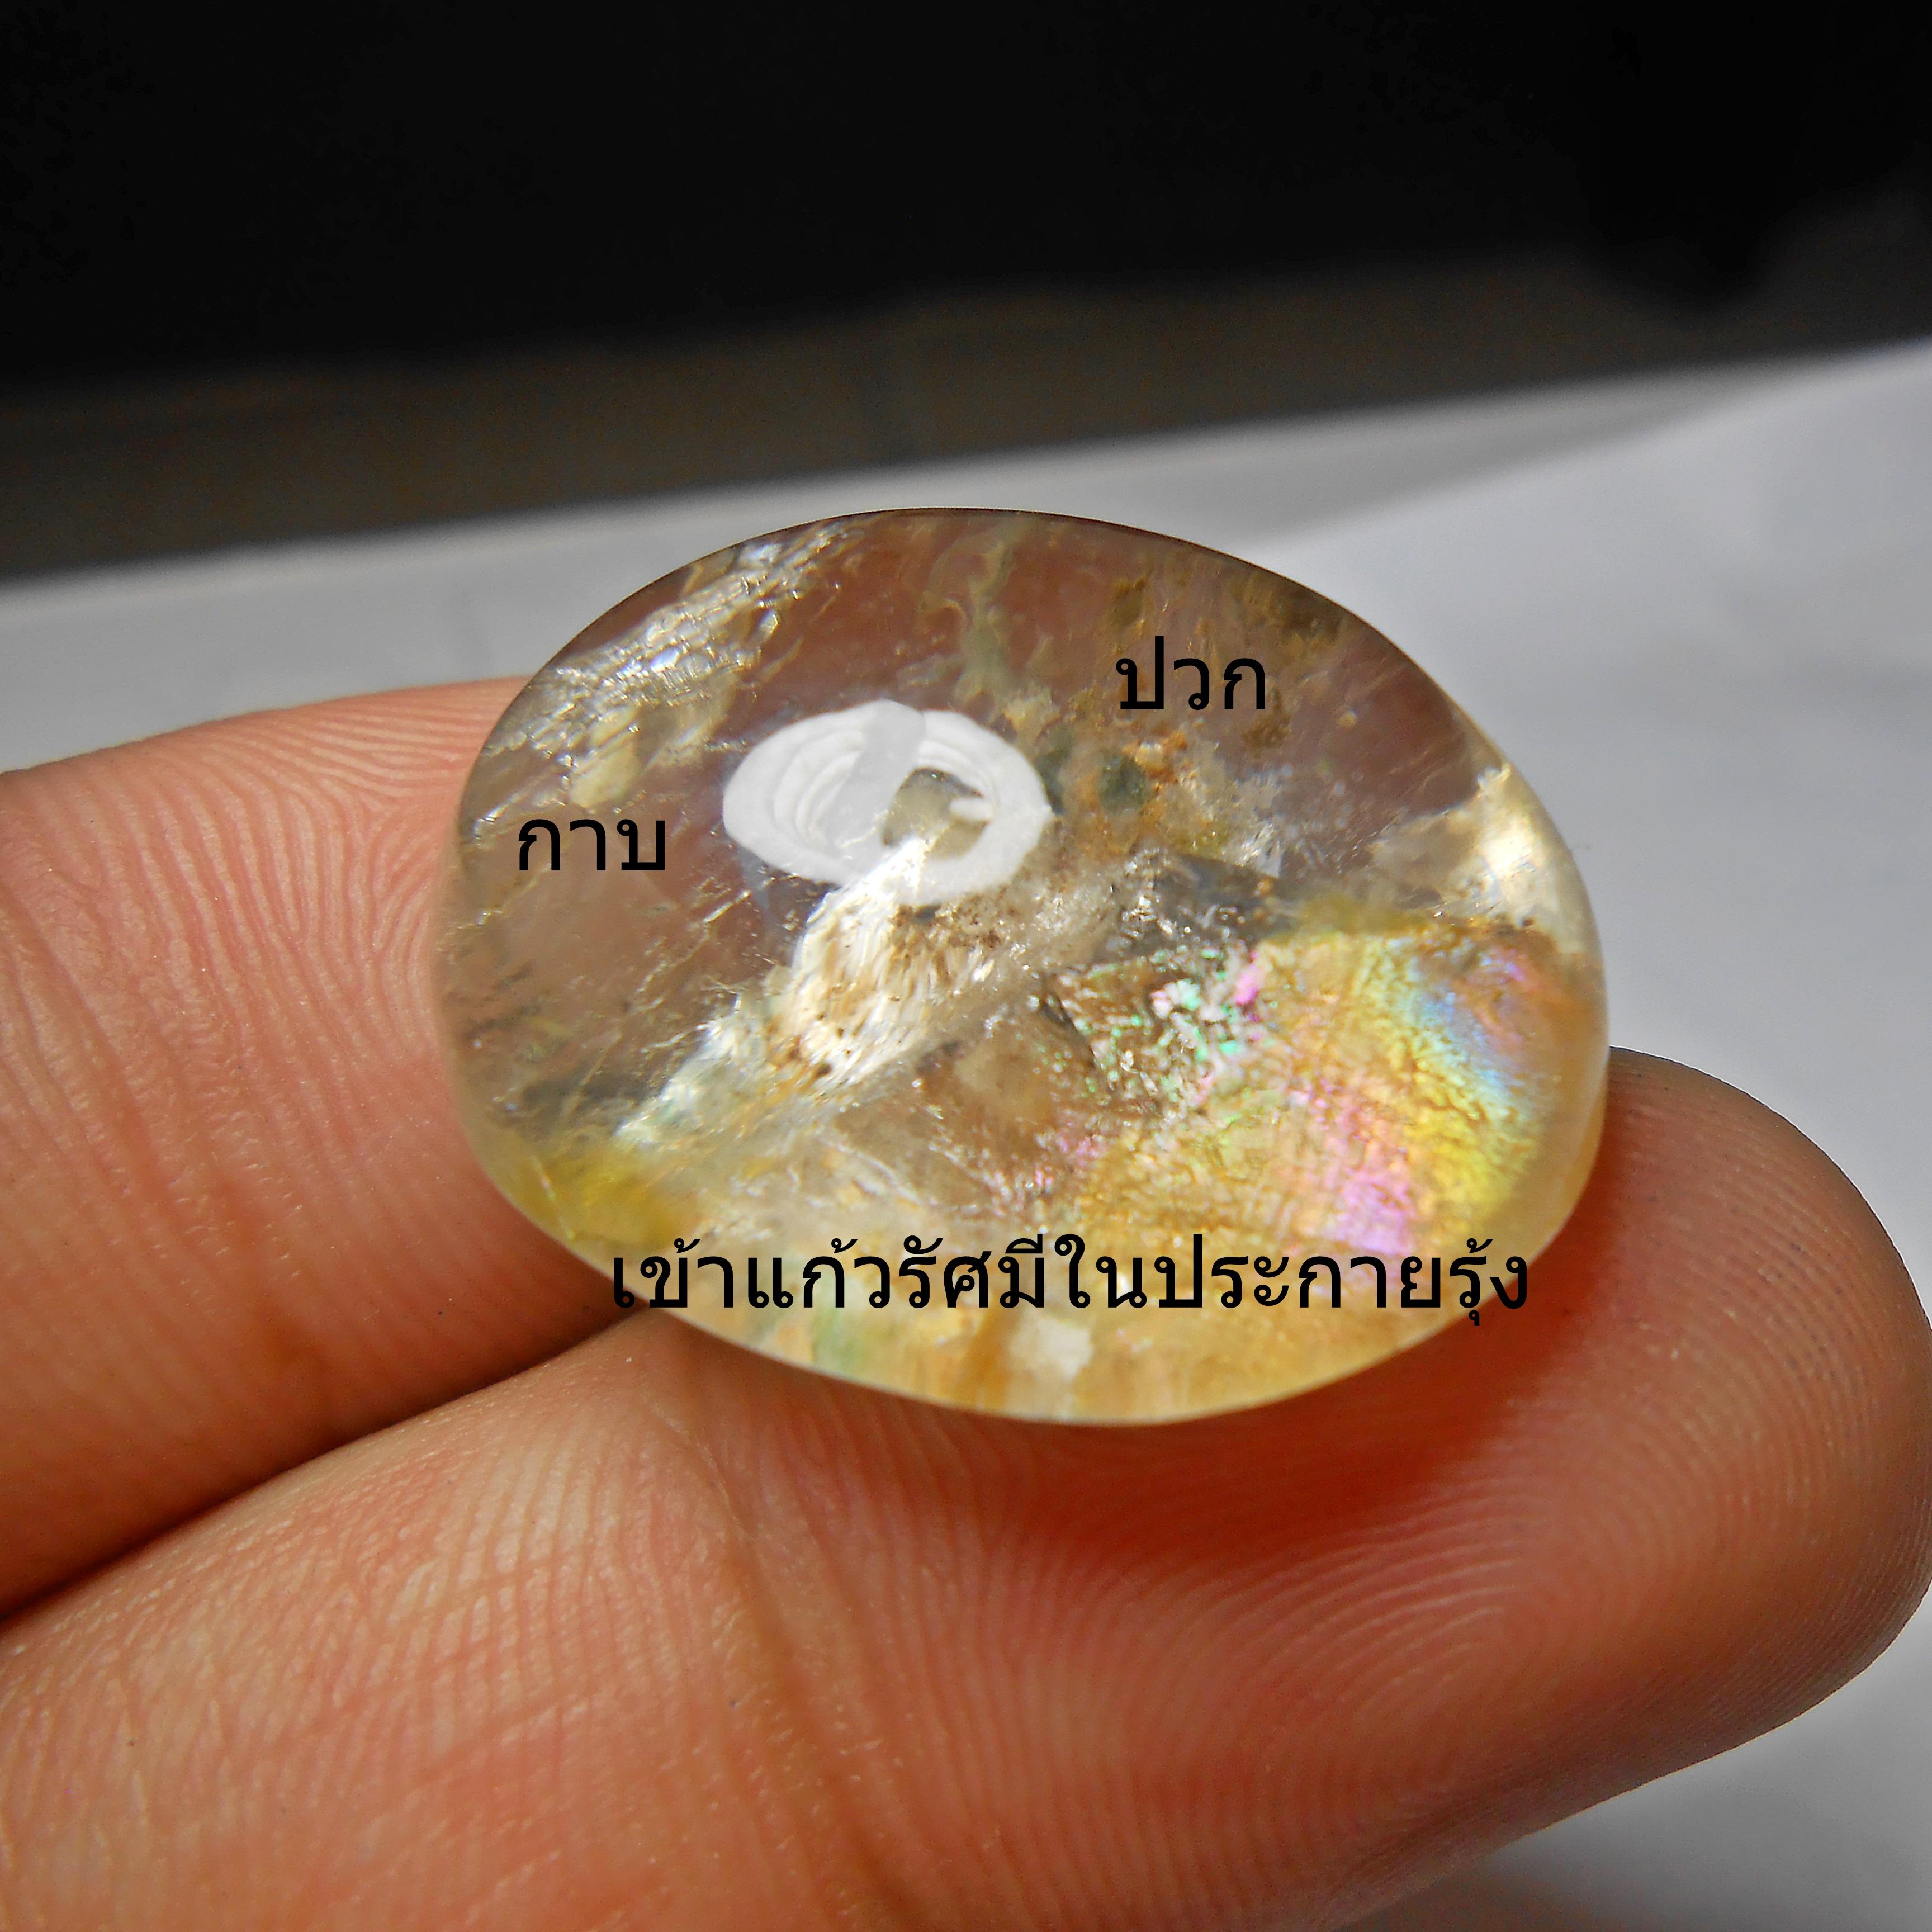 แก้วสามกษัตริย์สักรชาติ เข้าแก้วรัศมีใน+ปวก+กาบ ขนาด 2.7x 2.2cm ทำแหวน จี้มงคลสวยๆ